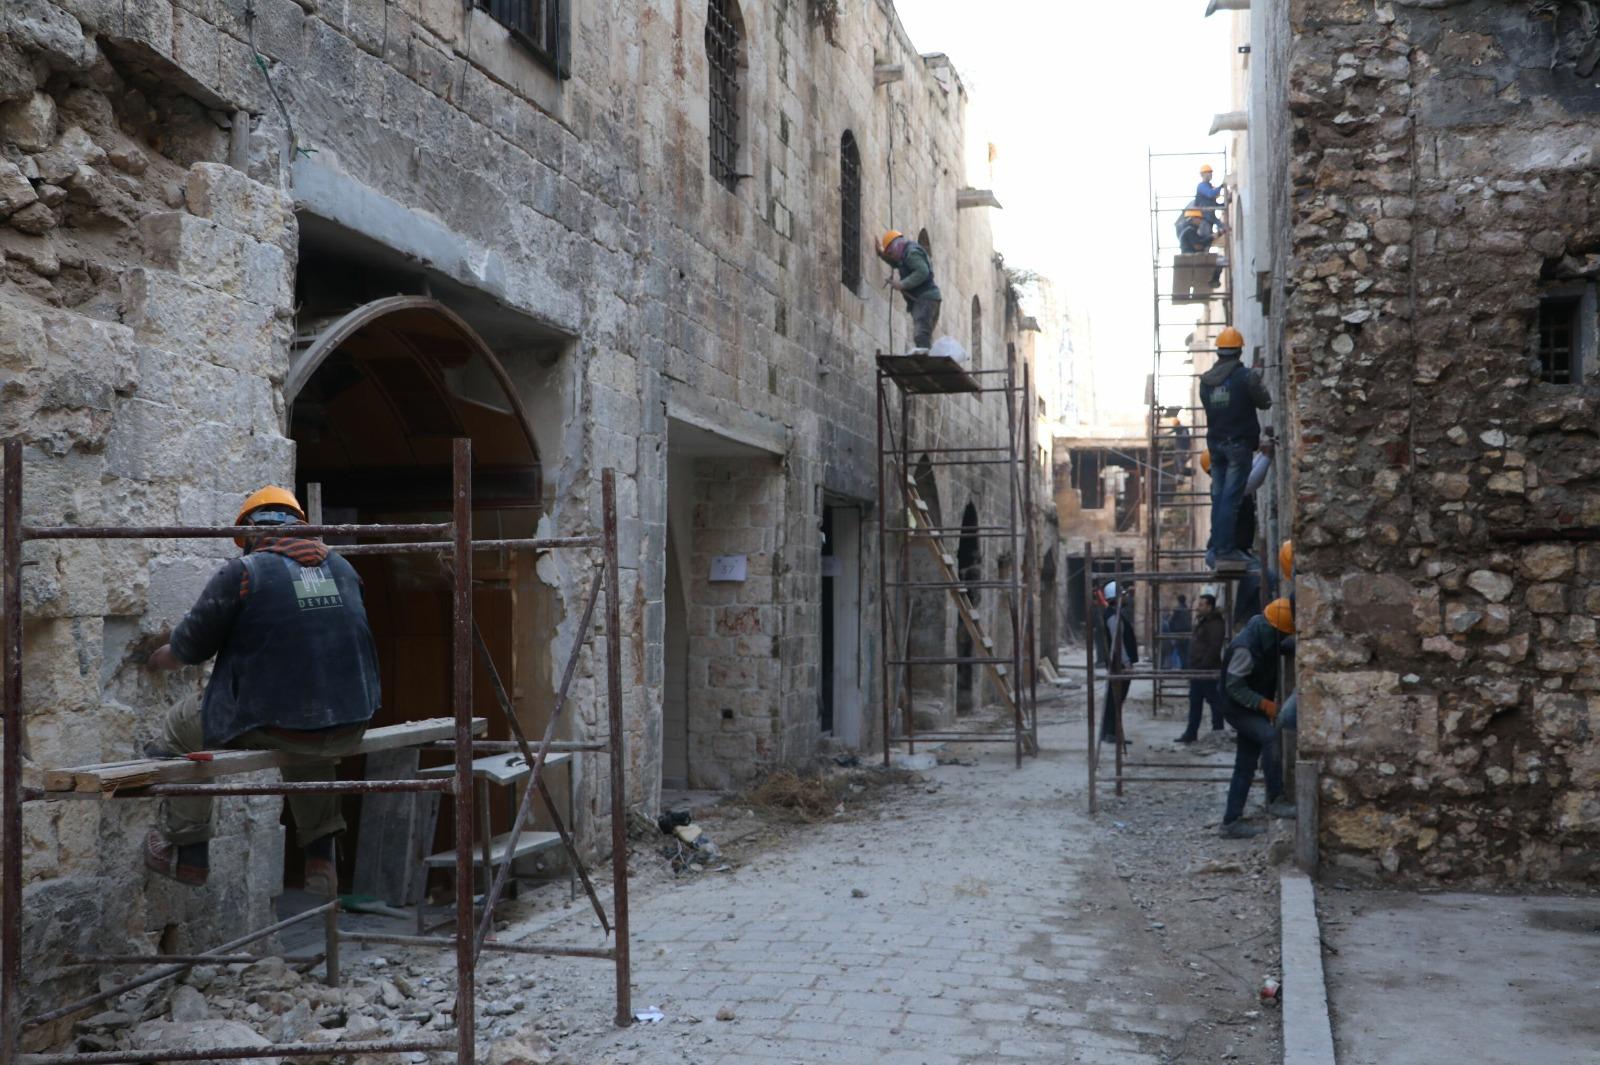 عملية ترميم سوق الحرير في حلب القديمة -إنترنيت